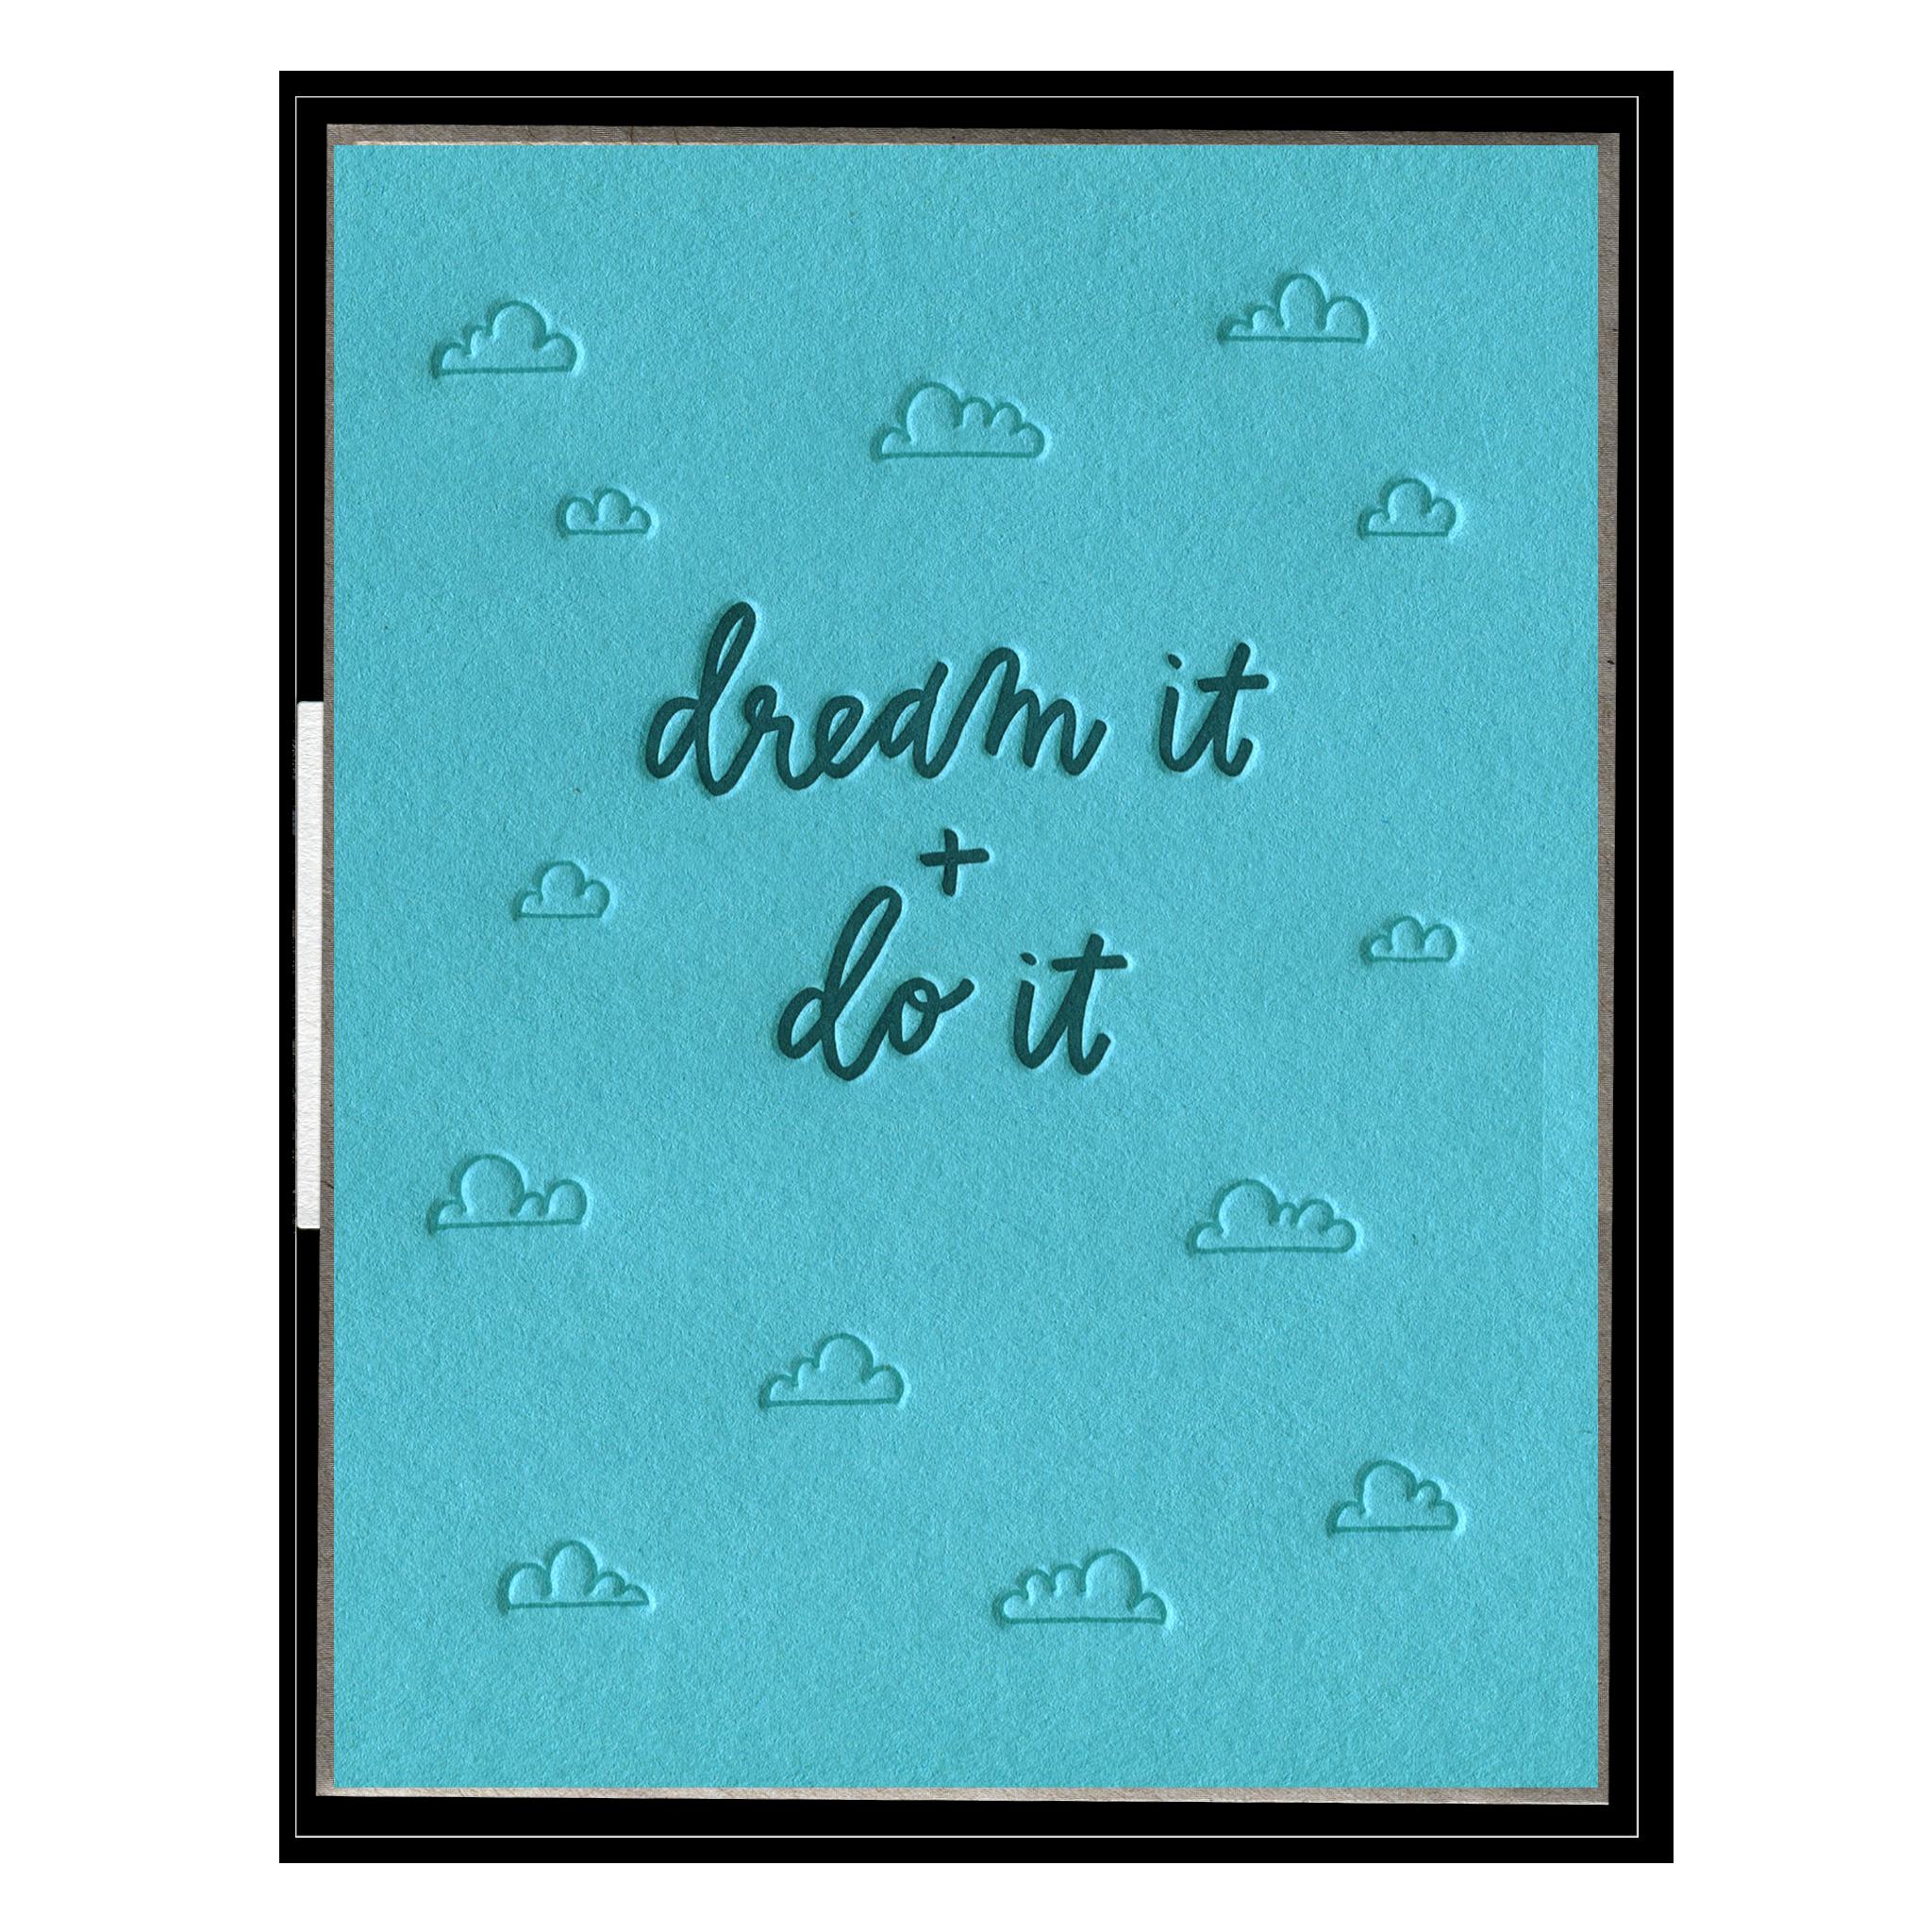 Dream It + Do It - Encouragement